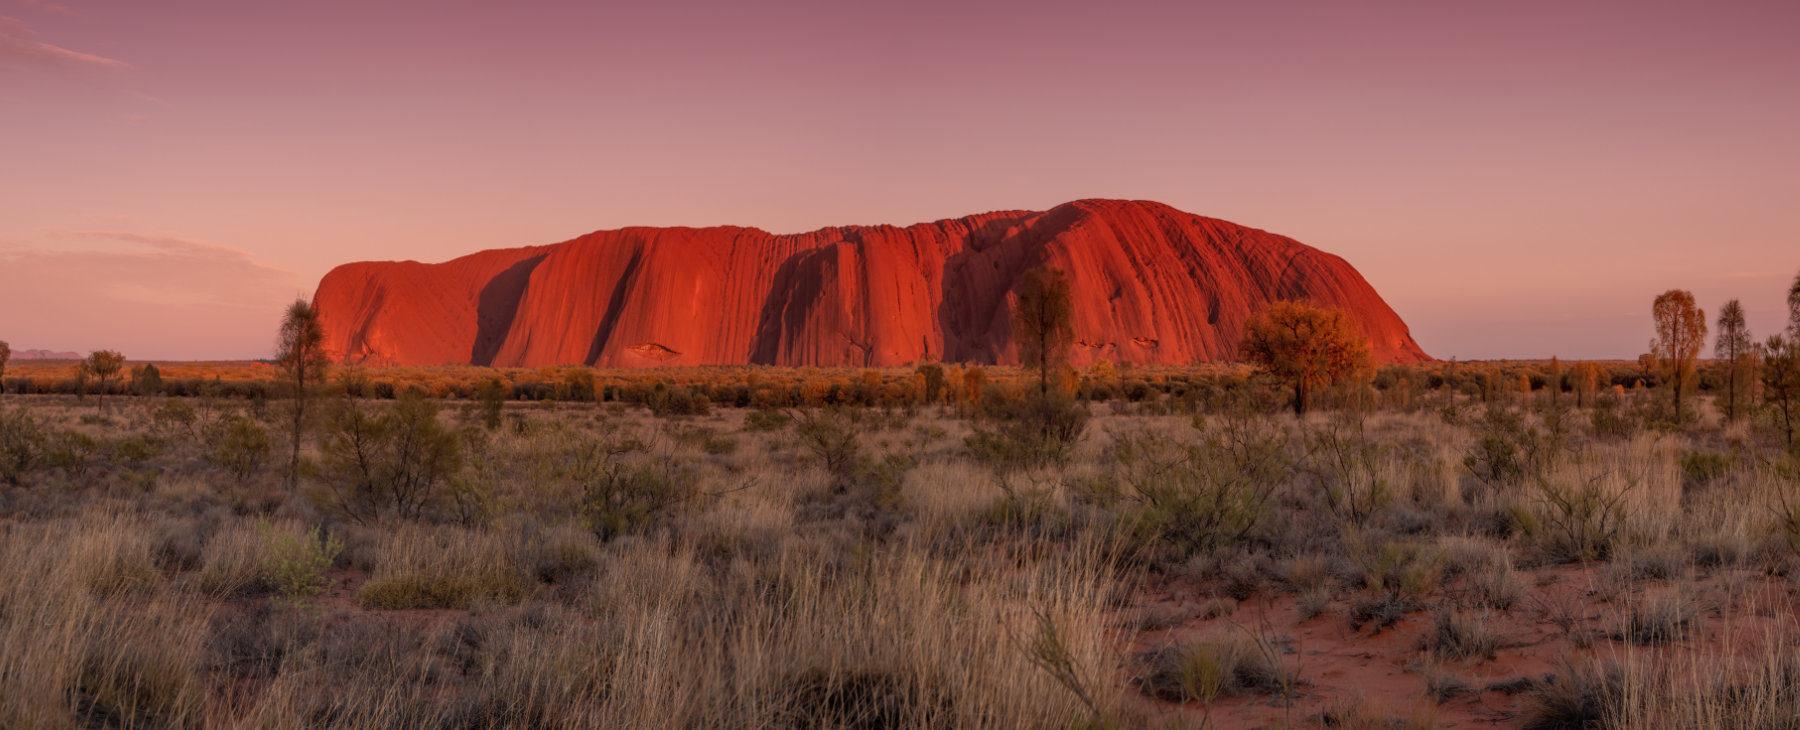 Luxusreise Australien & Neuseeland